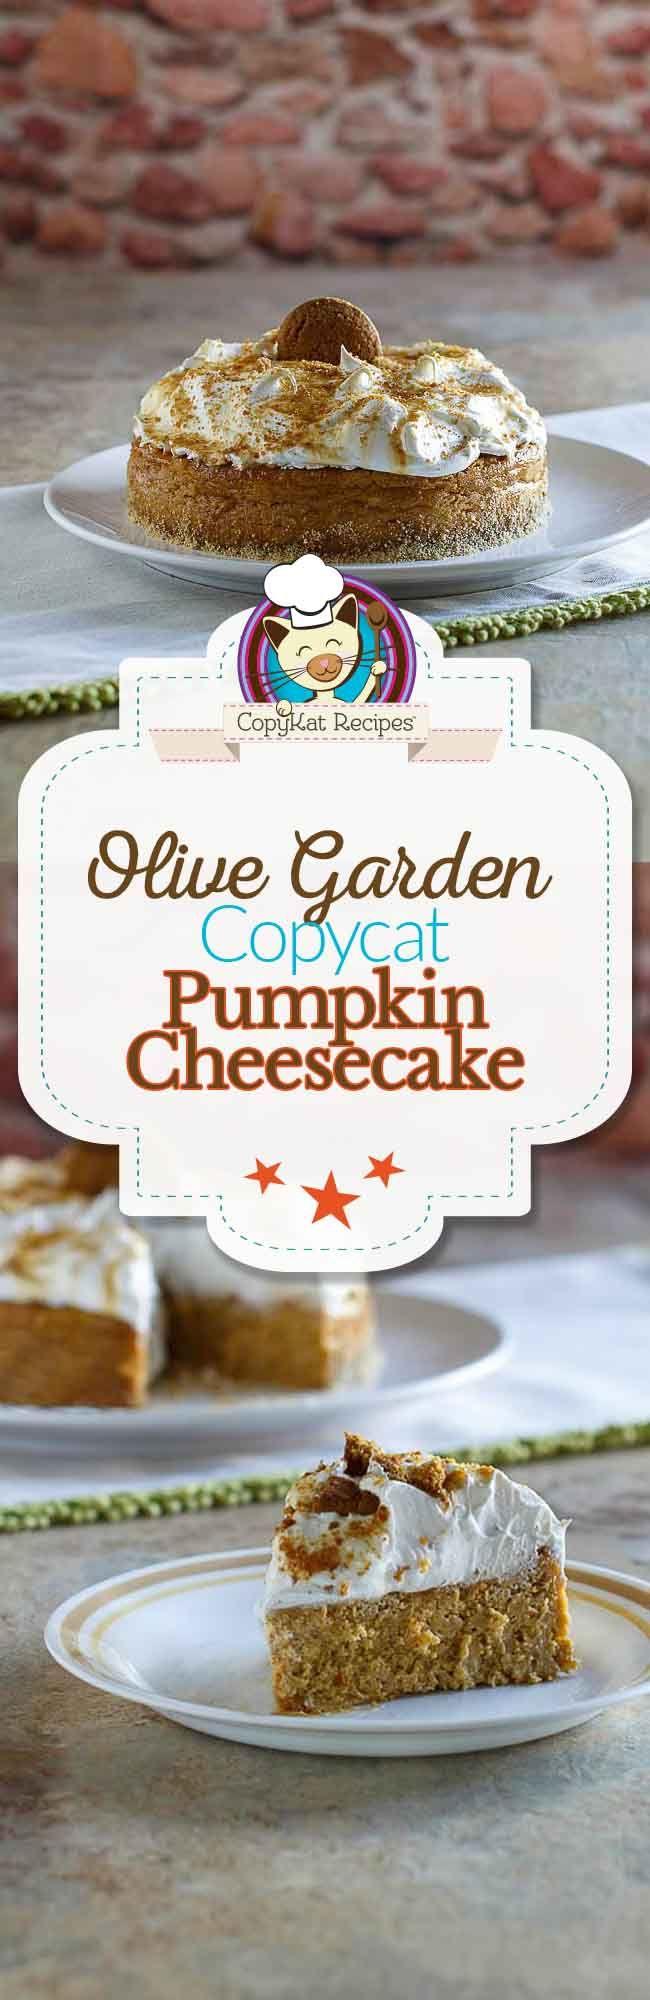 olive garden pumpkin cheesecake recipe olive gardens pumpkin cheesecake and copycat recipes - Olive Garden Pumpkin Cheesecake